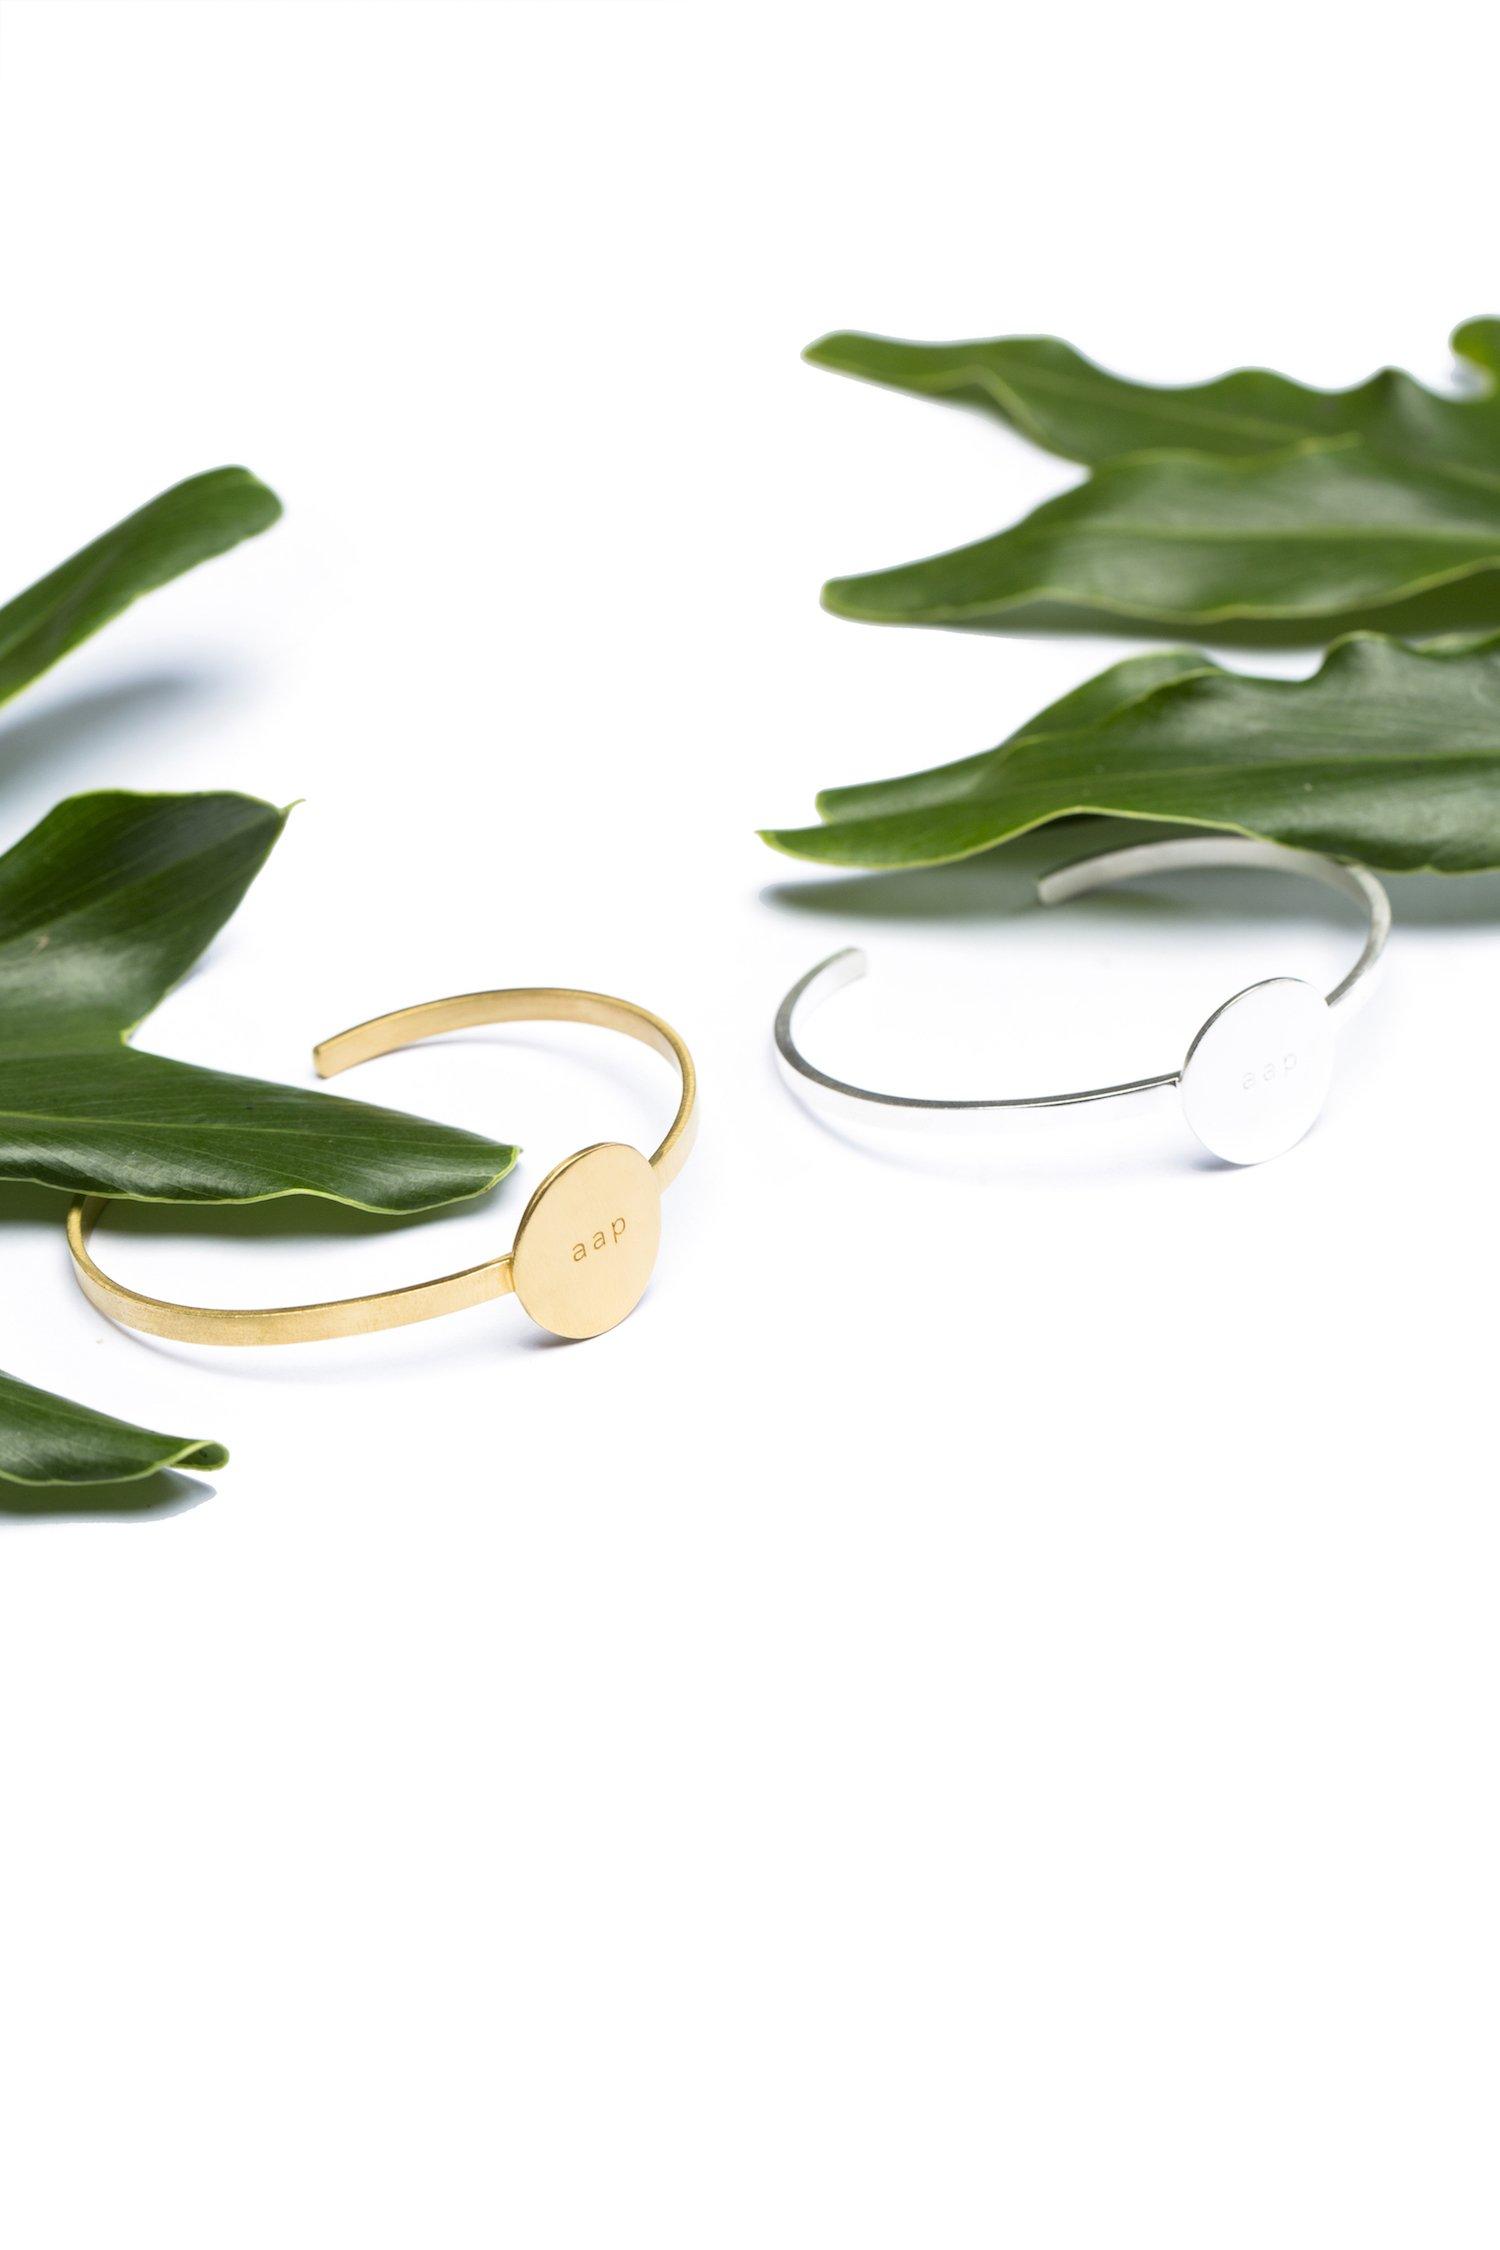 Aap - Prabhu Aap Jago Cuff Bracelet (Silver)